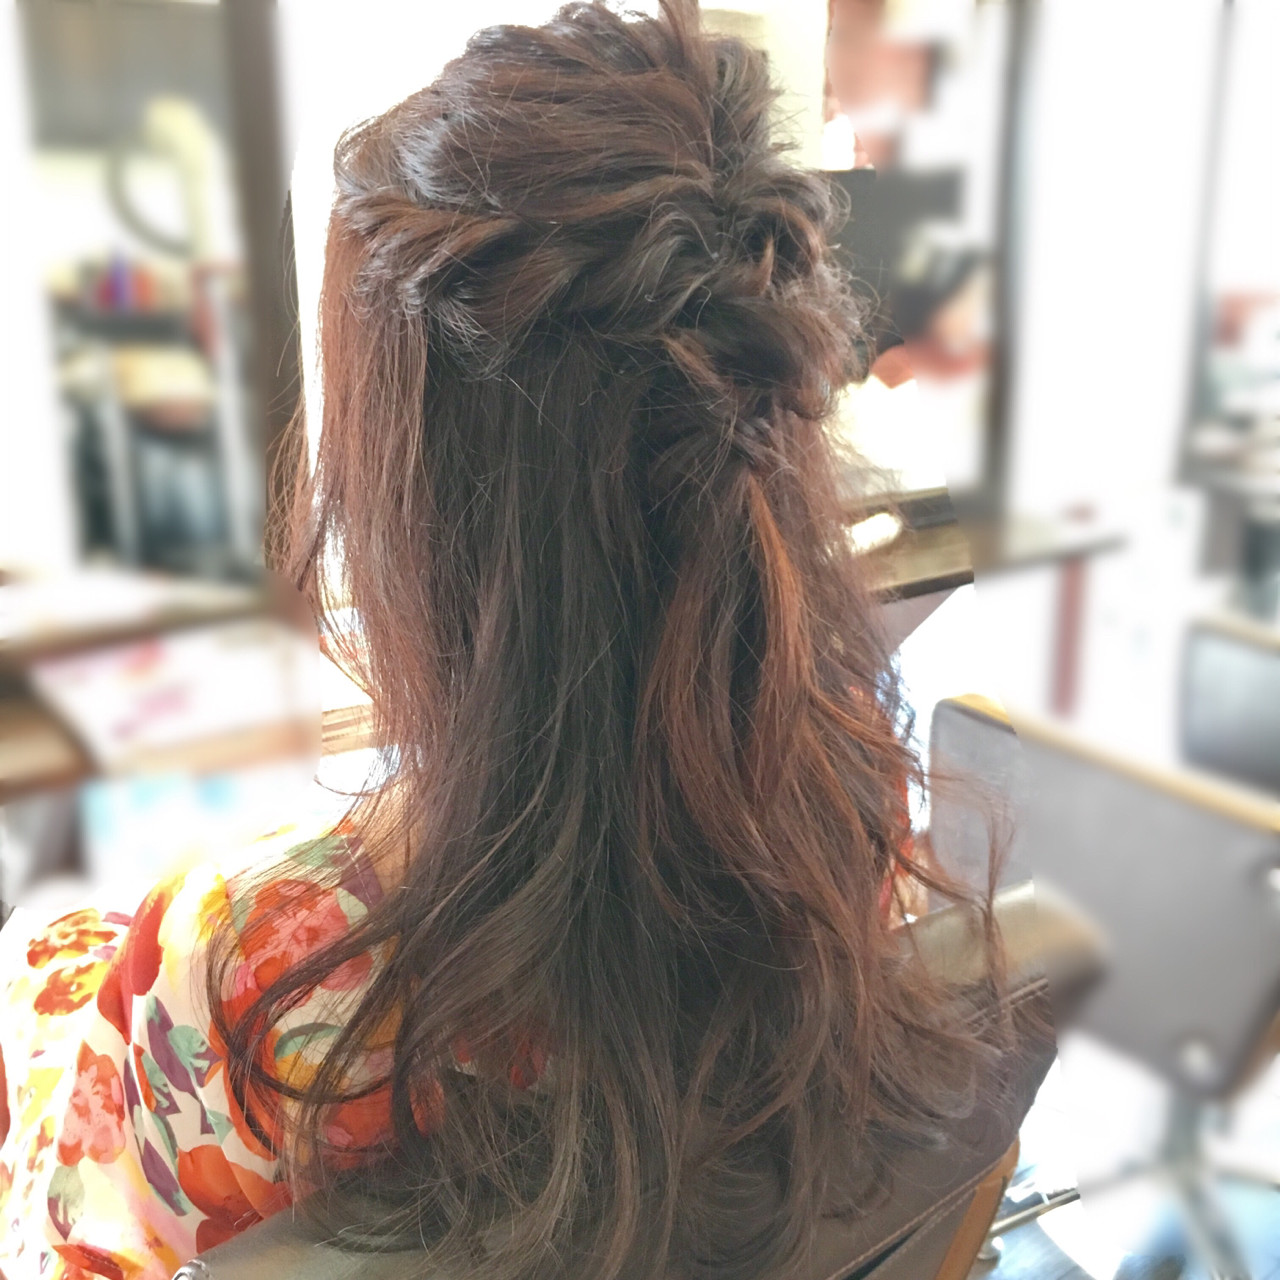 くるりんぱ 女子会 ヘアアレンジ ハーフアップ ヘアスタイルや髪型の写真・画像